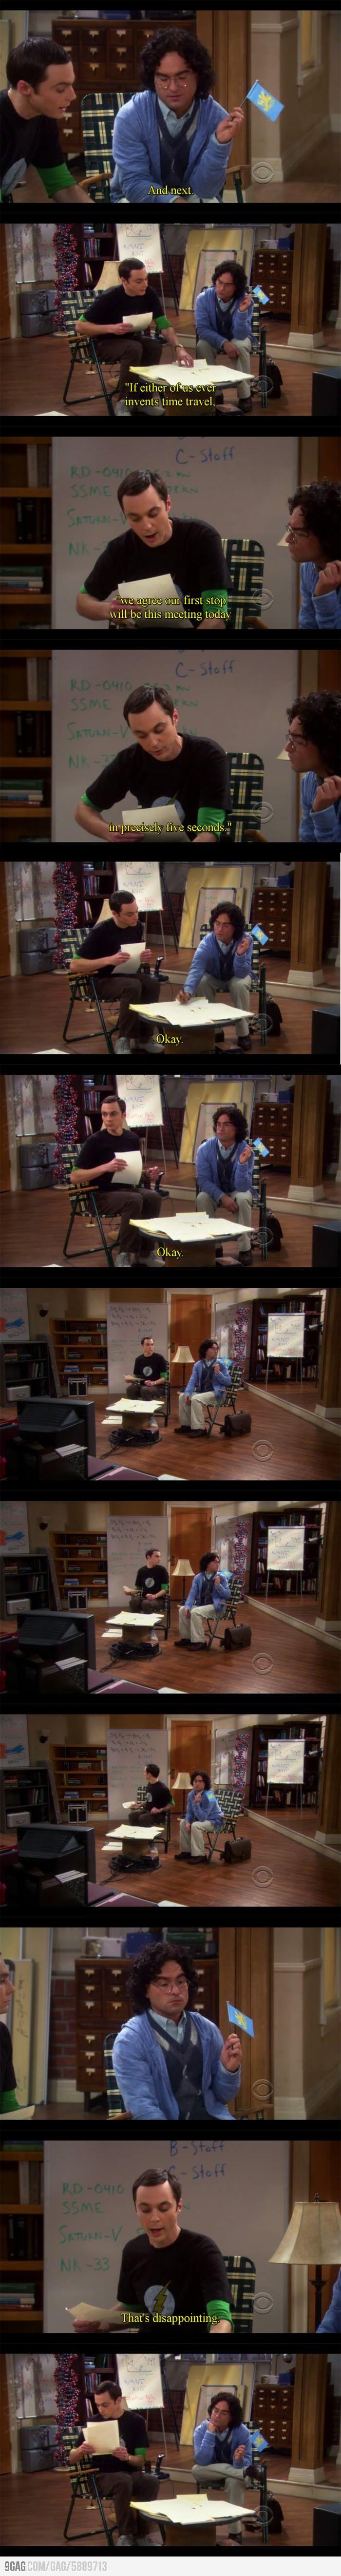 héhéhé, une scène classique de Big Bang Theory